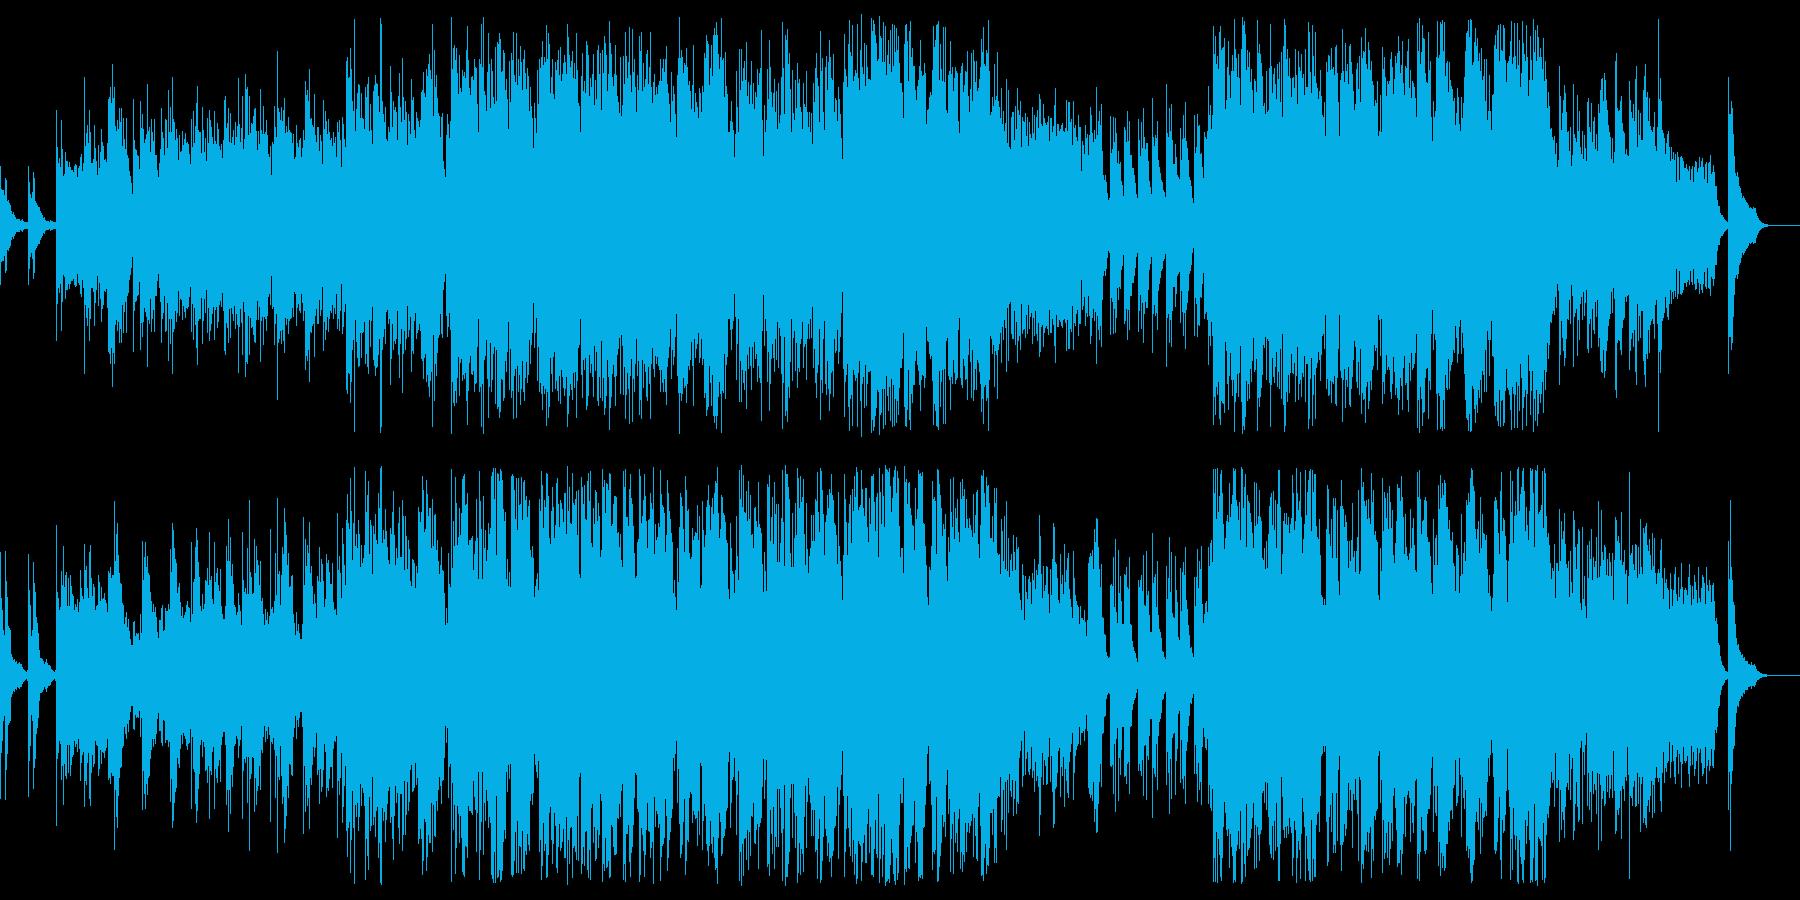 ピアノとボーカルのみの再生済みの波形